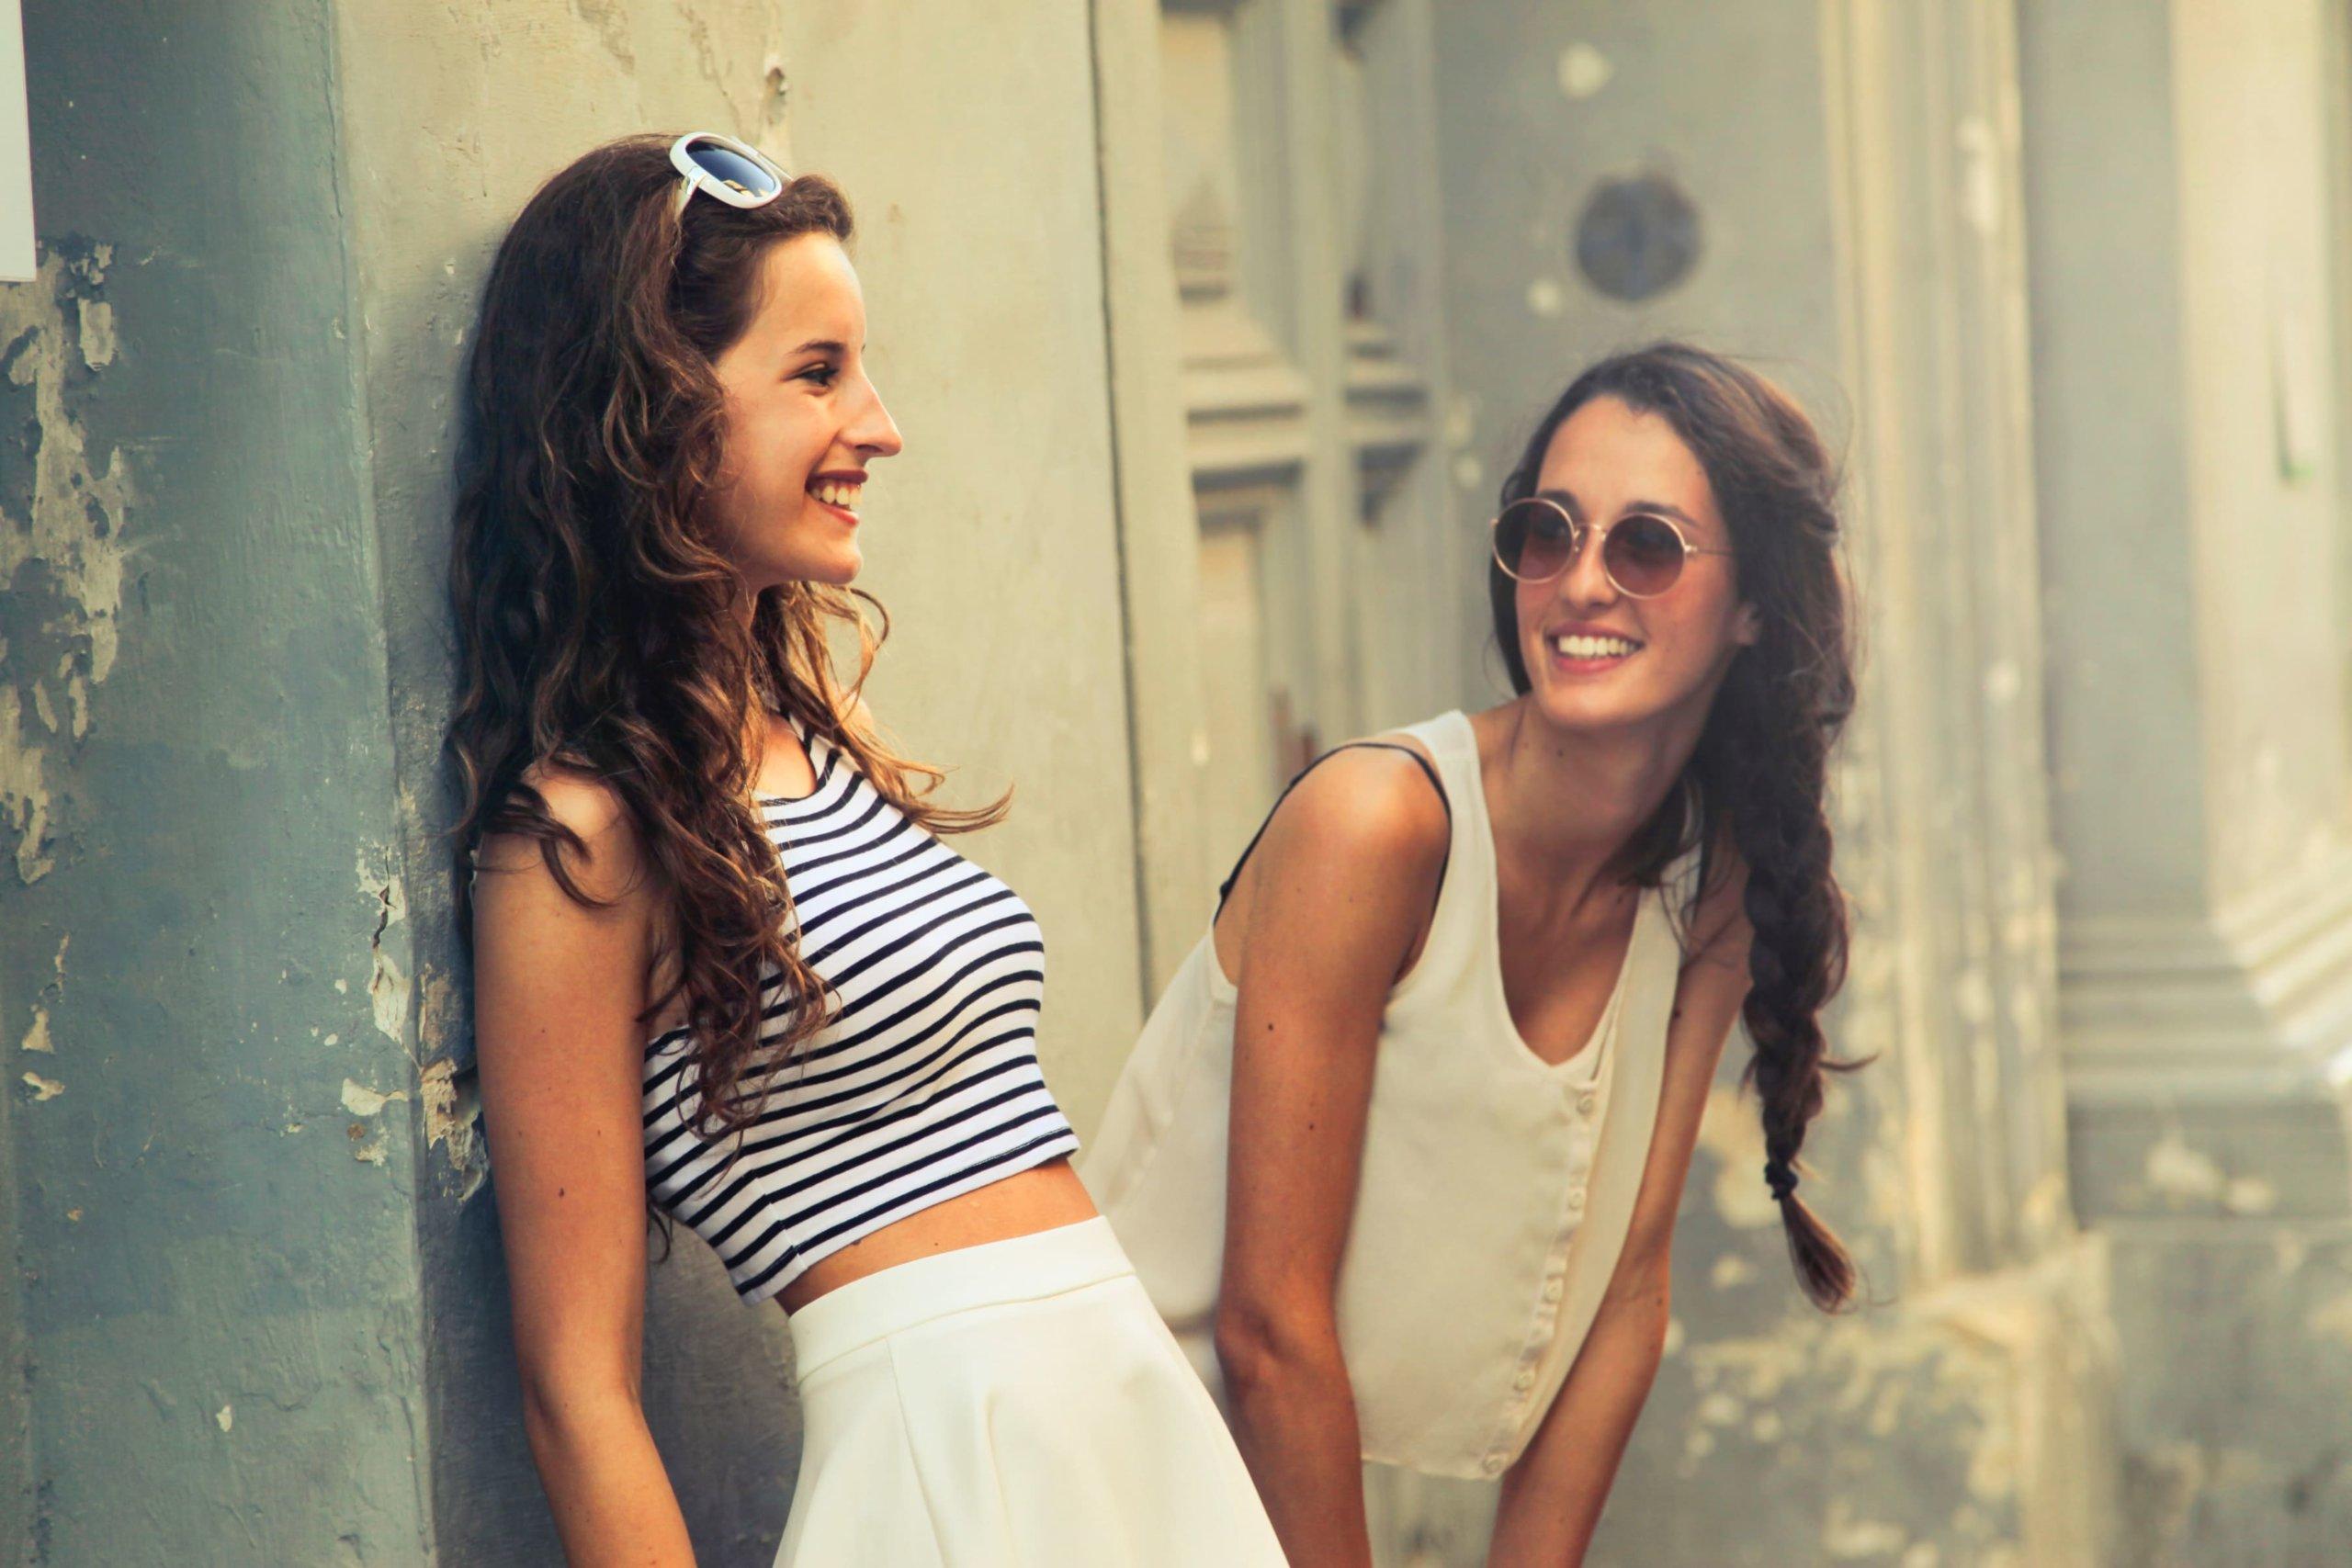 談笑する女子